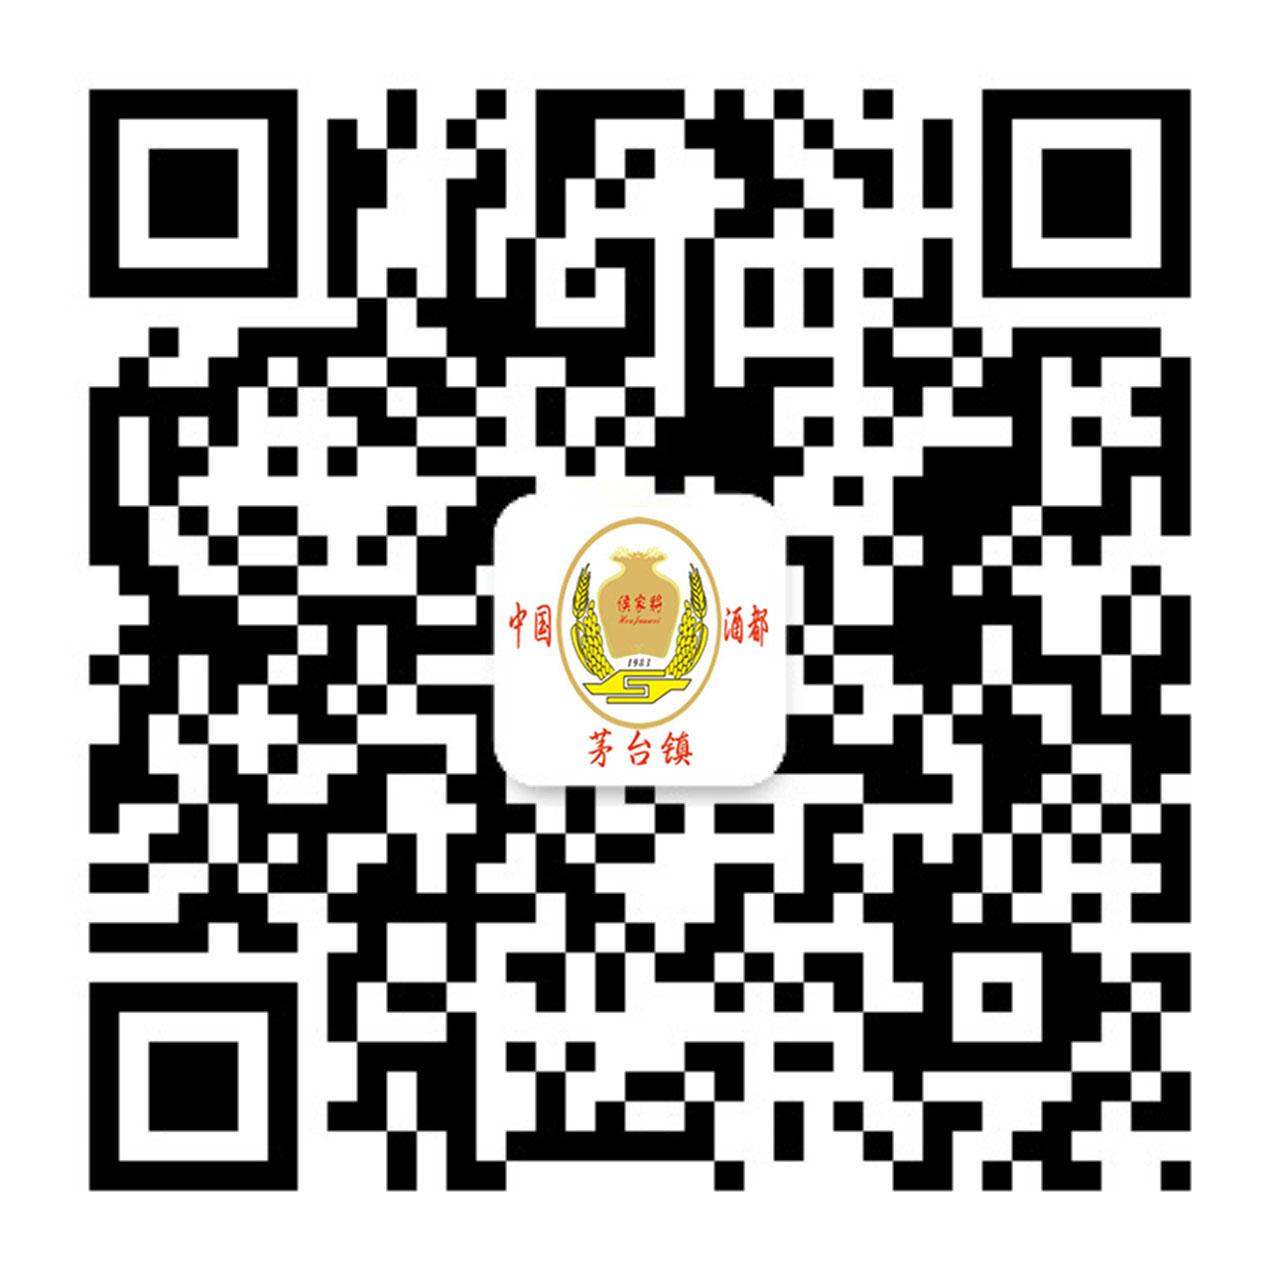 贵州侯酱坊酒业有限公司手机网站